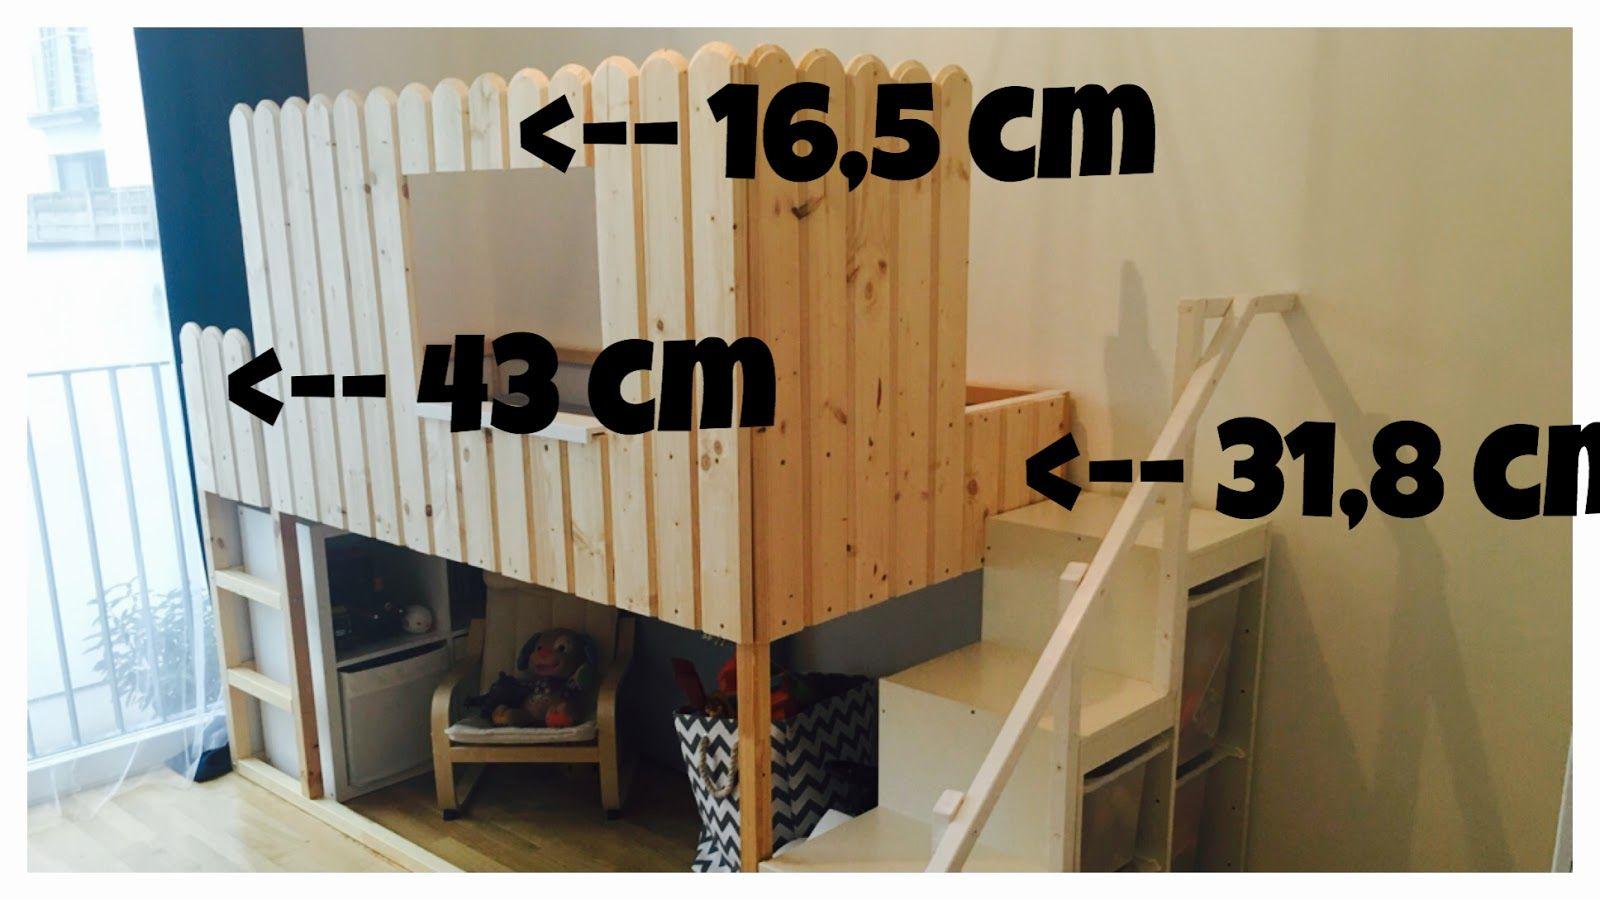 Etagenbett Ikea Hack : Ikea bett hack wohngoldst ck eine neue r ckwand f das